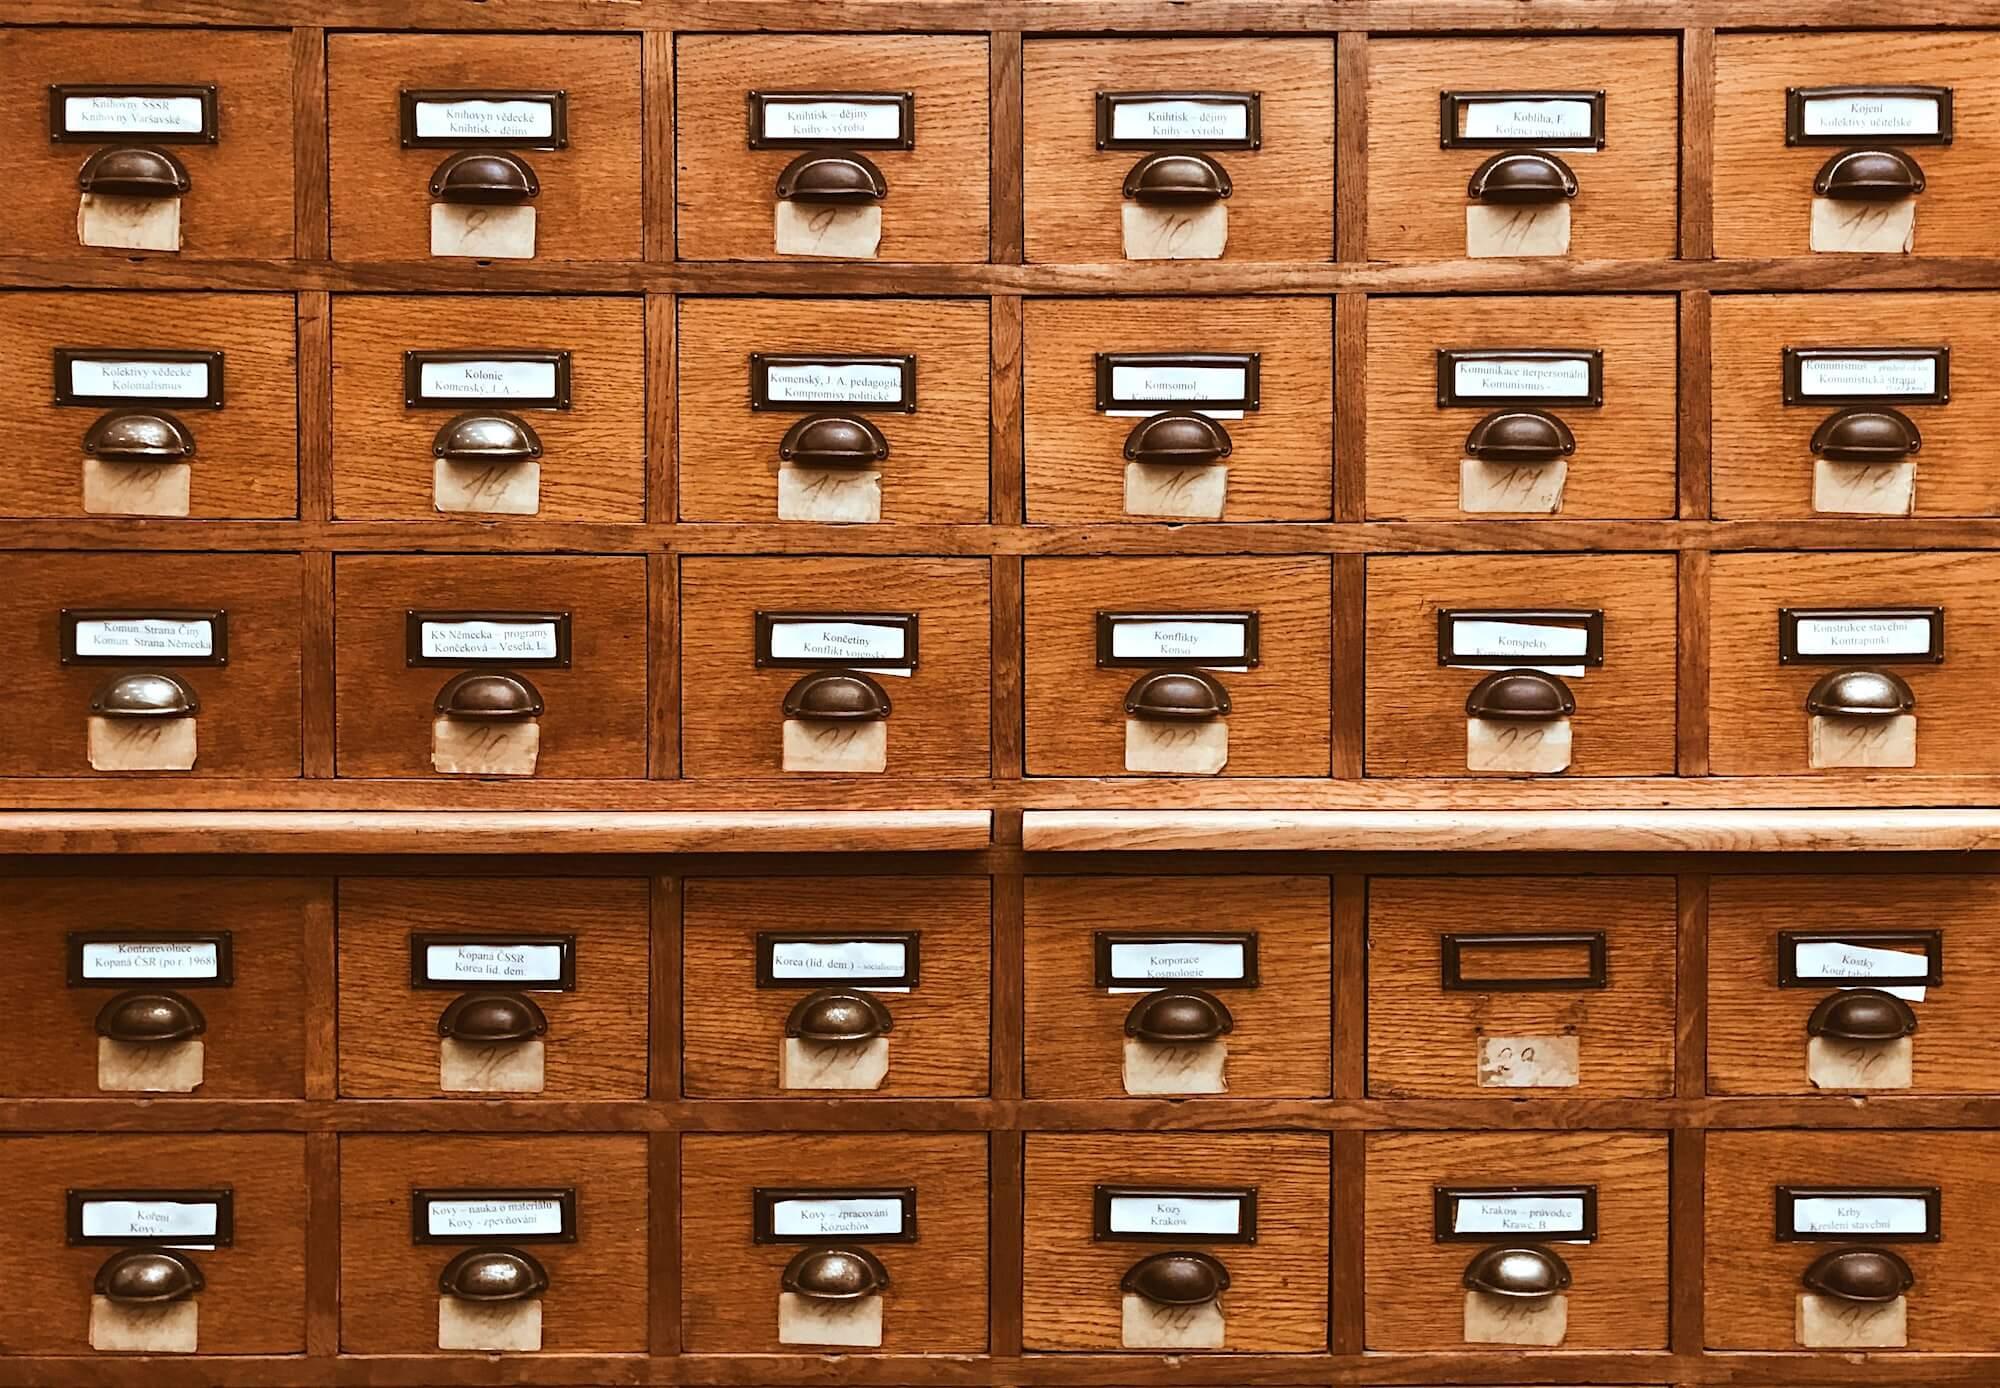 Toolbox для исследователей — выпуск второй: подборка из 15 тематических банков данных - 1